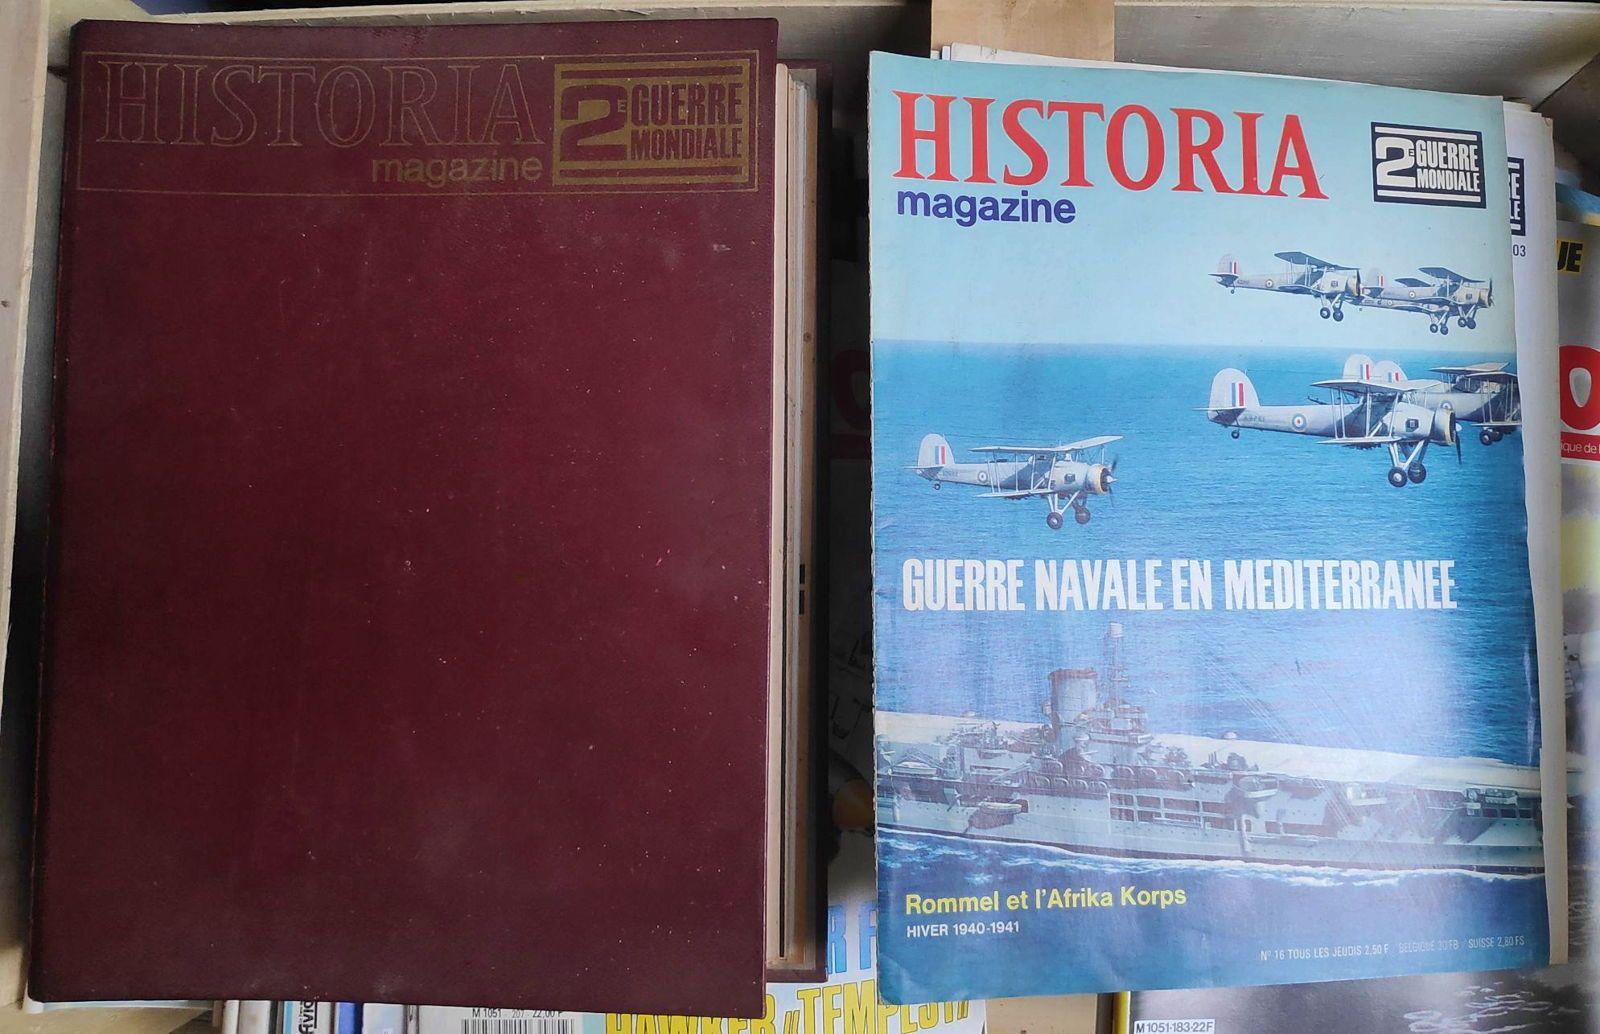 Historia Magazine - 2e guerre mondiale - 1ère et 2e éditions